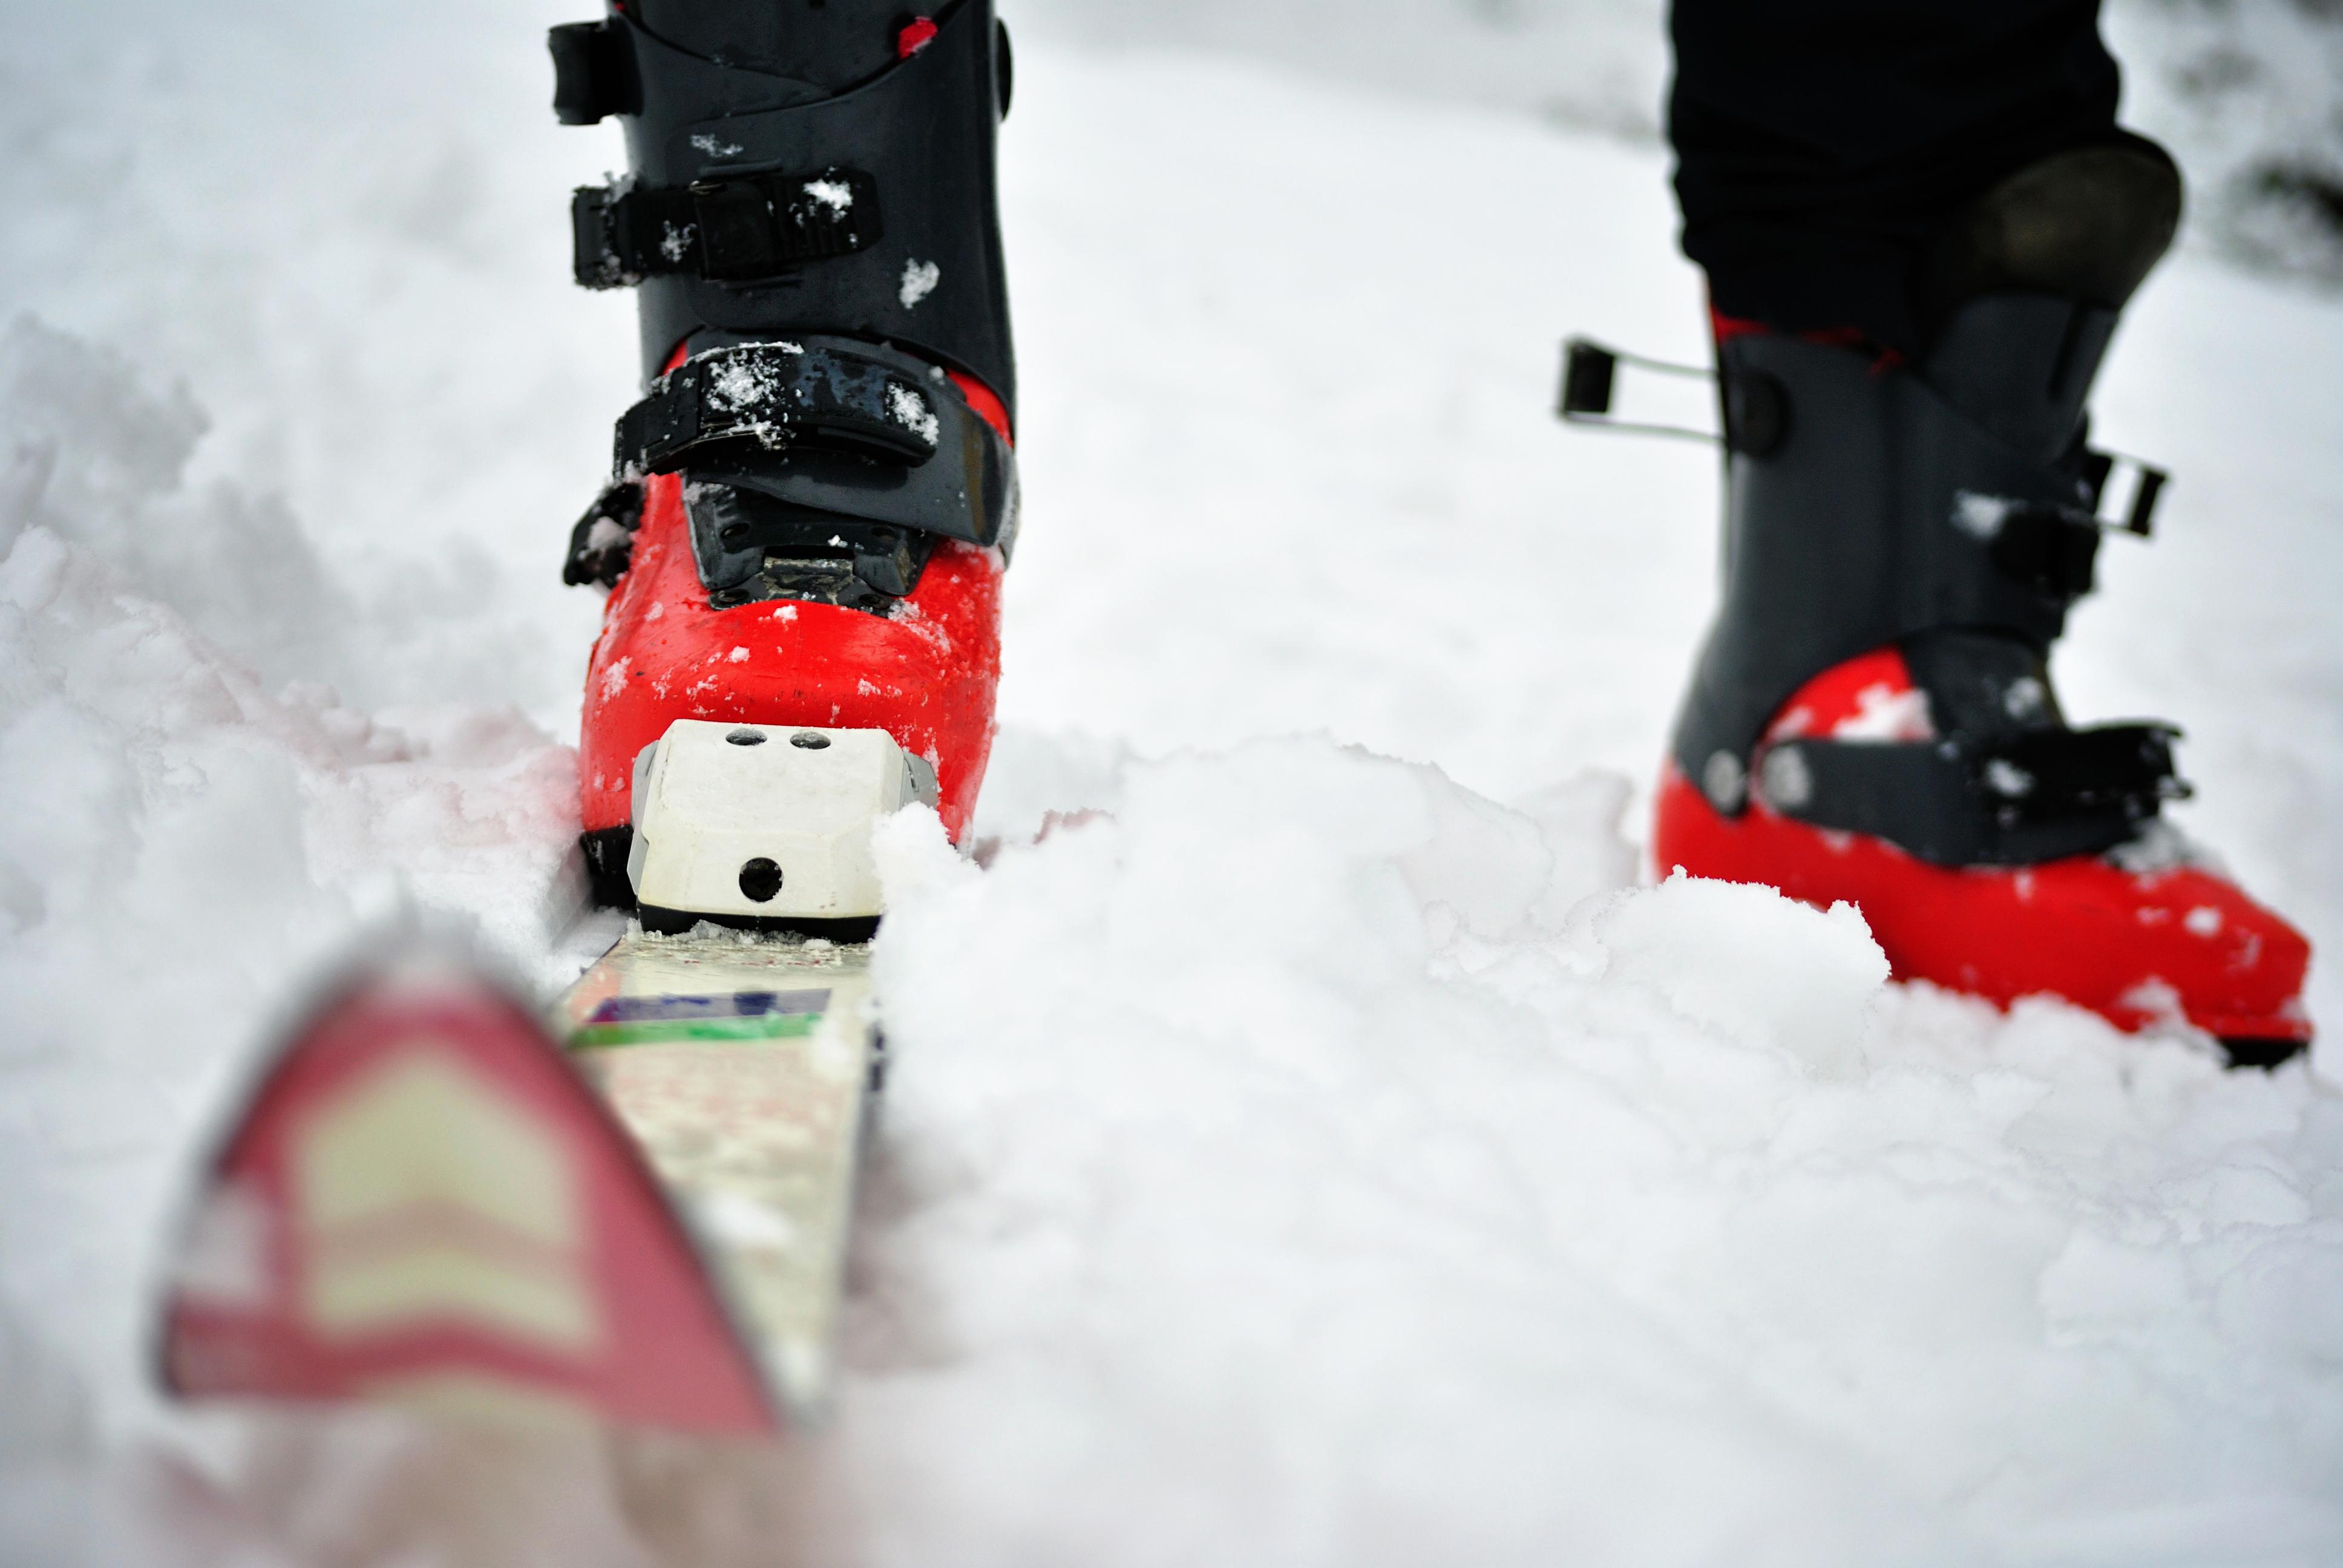 los esquís necesitan un mayor cuidado